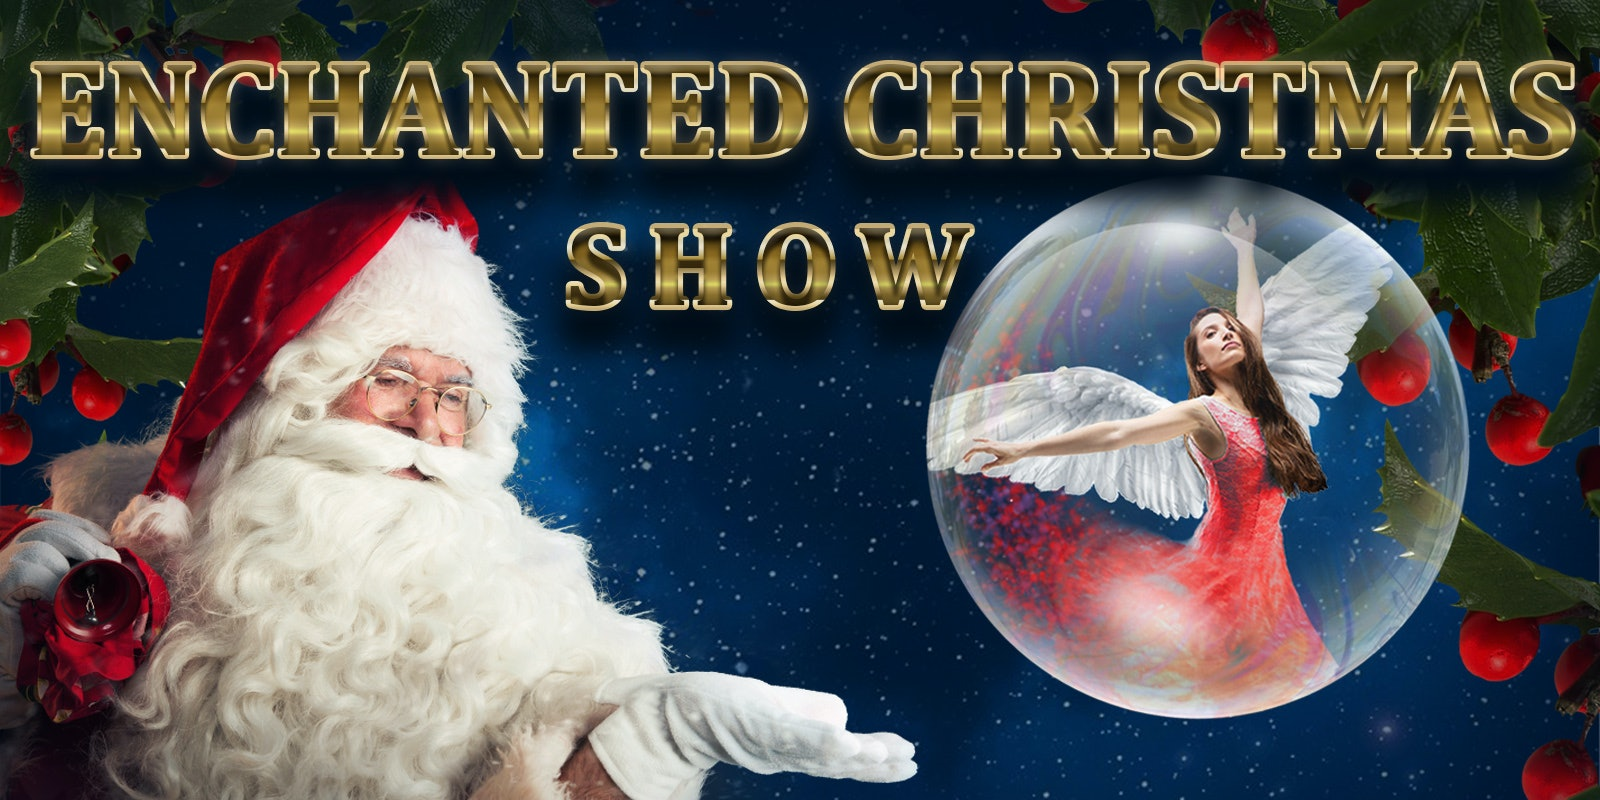 Enchanted Christmas Show